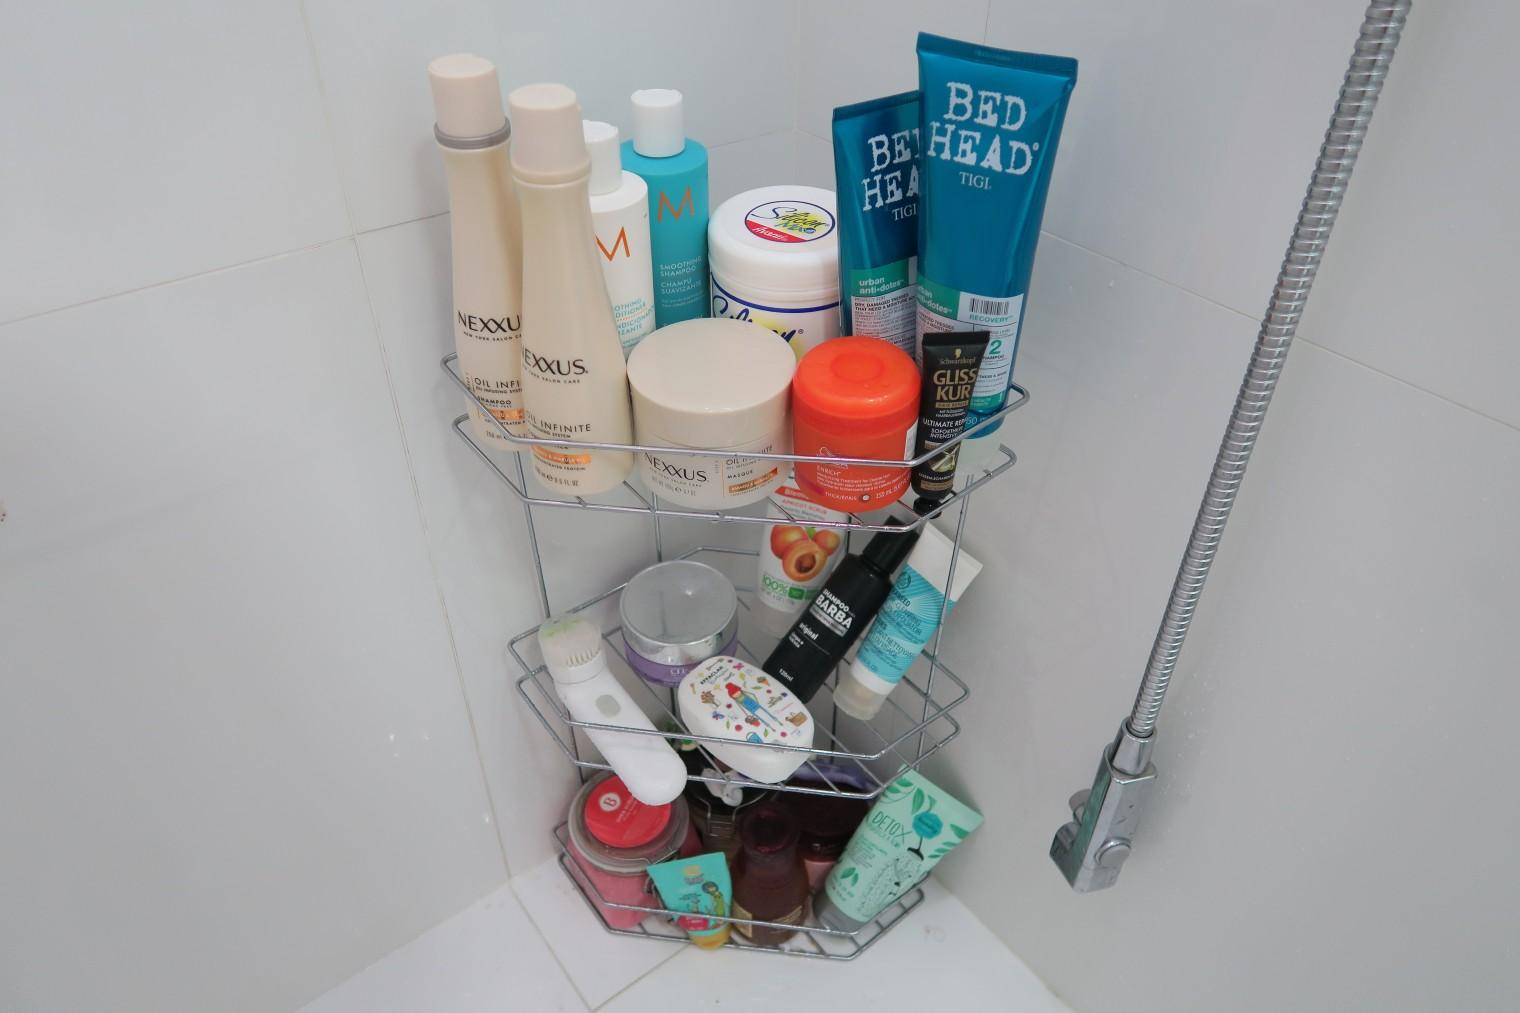 #0C4B67 Parte da bagunça recheada de produtos que eu não dispenso na hora do  1520x1013 px tour pelo meu banheiro com banheira